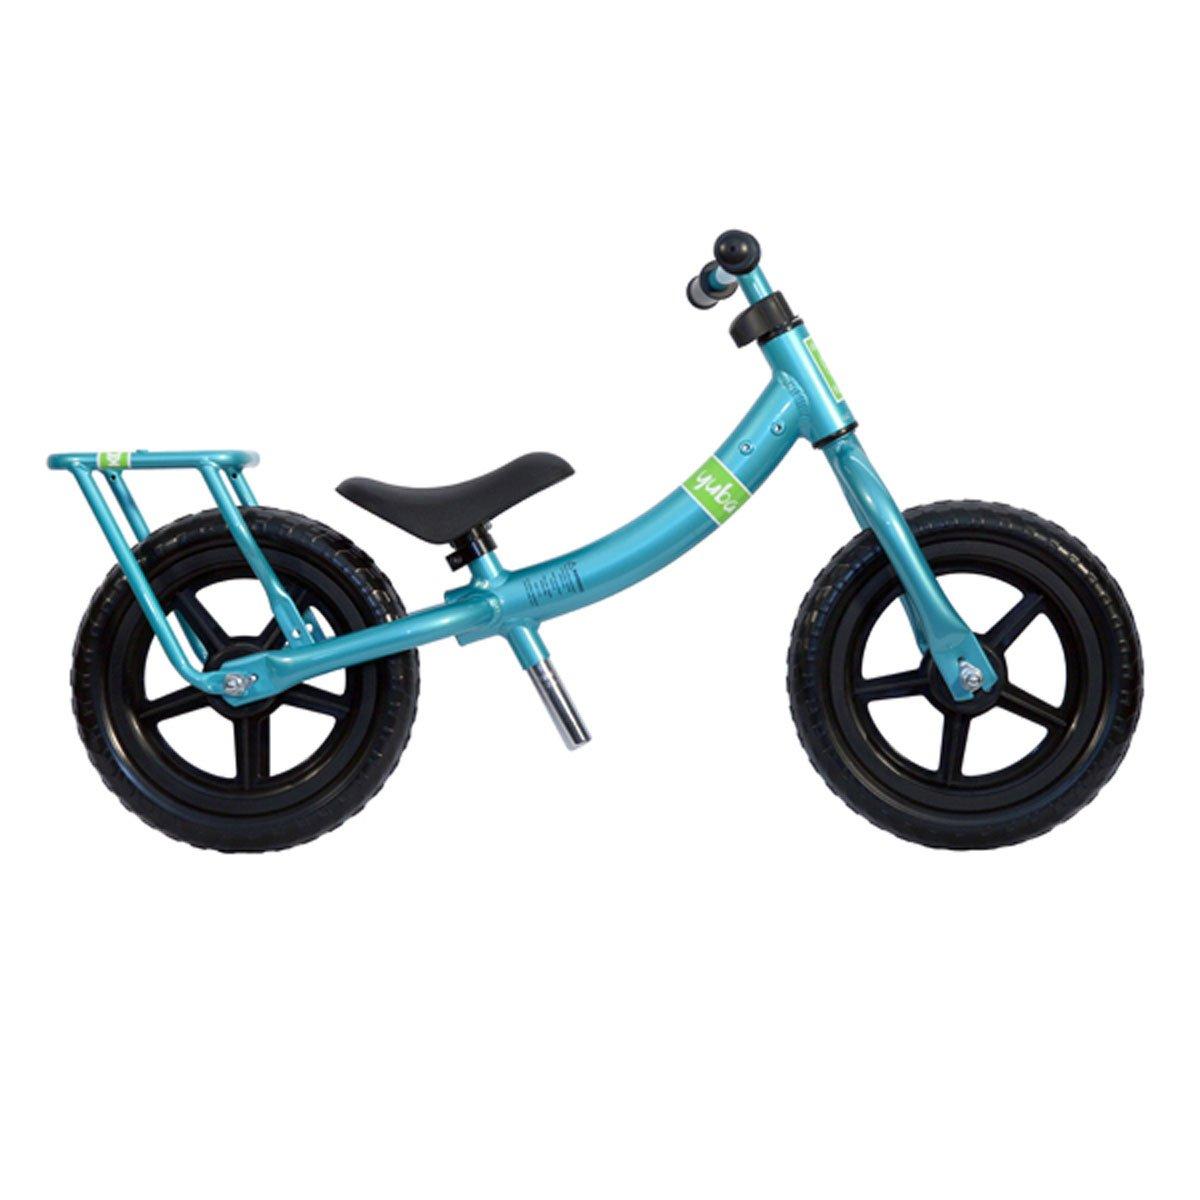 Yuba Balance Bike by Yuba